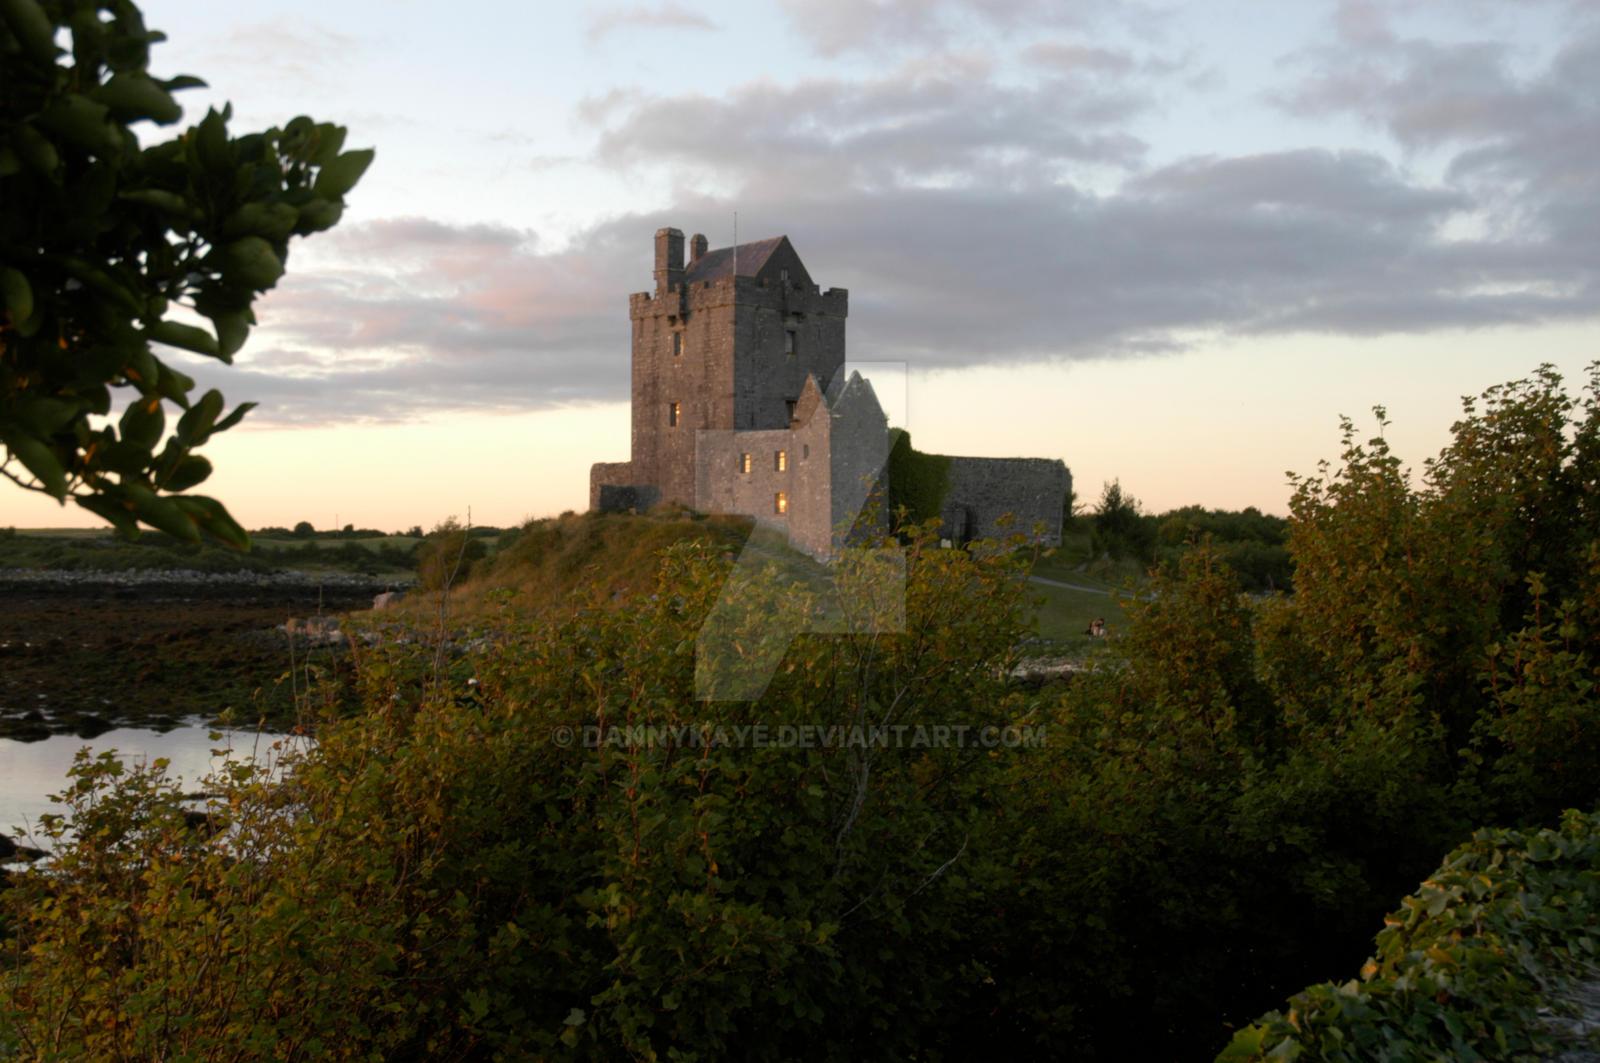 castle ireland by dannykaye